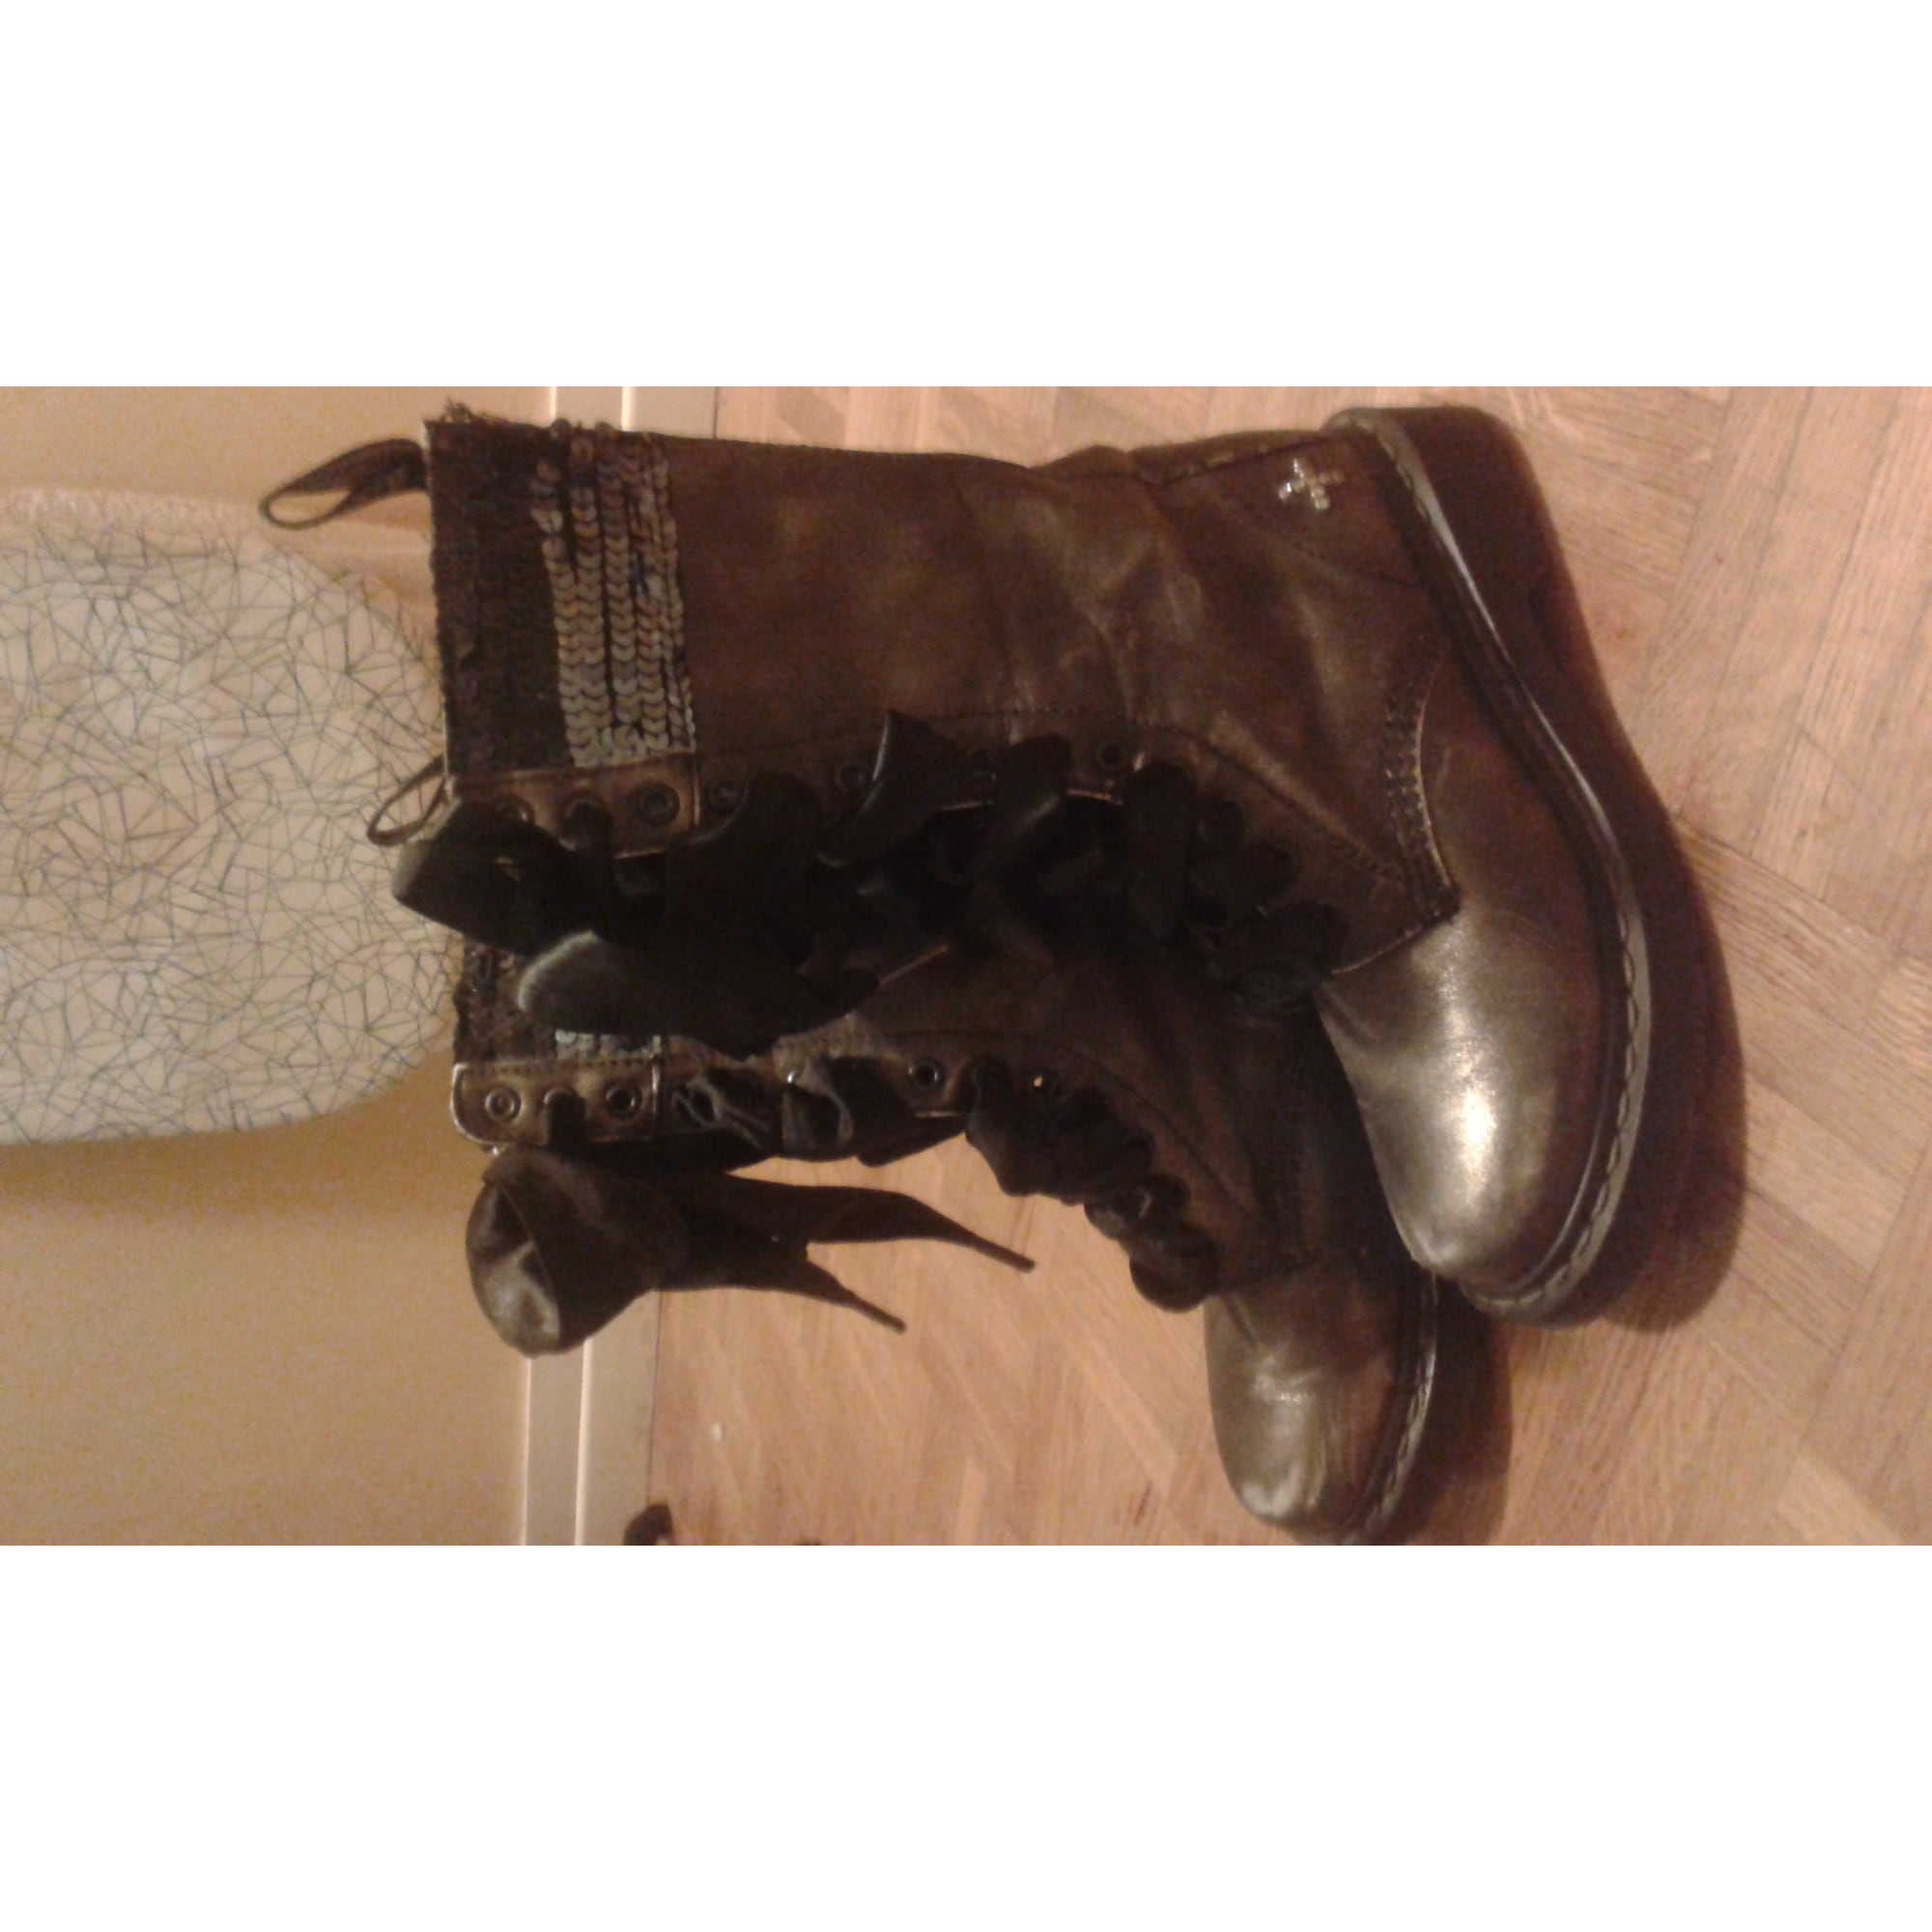 6a73624885a Bottes motards DR. MARTENS 37 gris vendu par Shopname725018 - 2836223